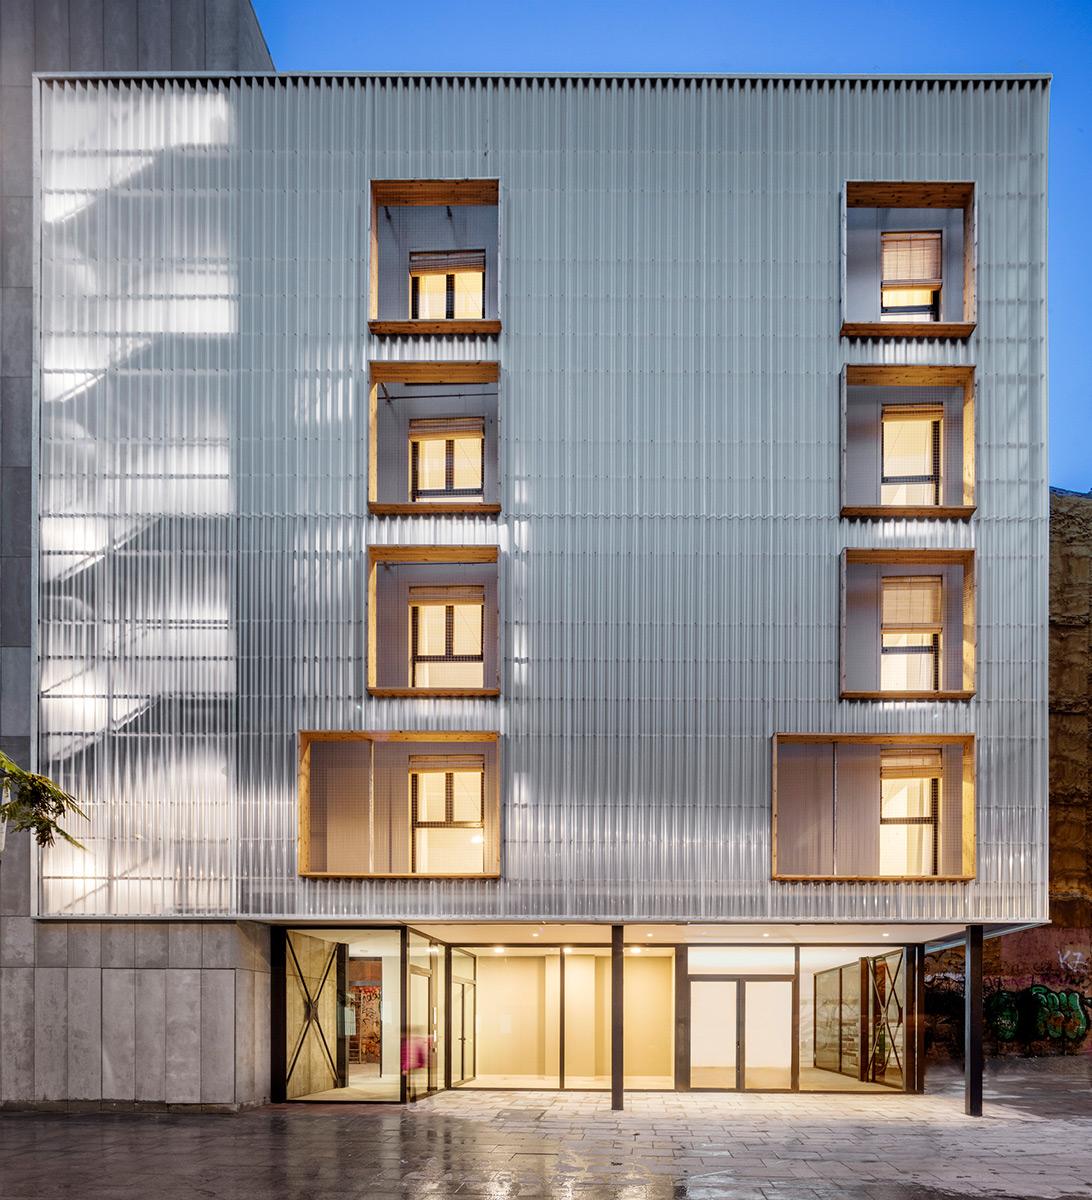 Aprop-Ciutat-Vella-Emergency-Housing-Straddle3-Eulia-Arkitektura-Yaiza-Terre-01